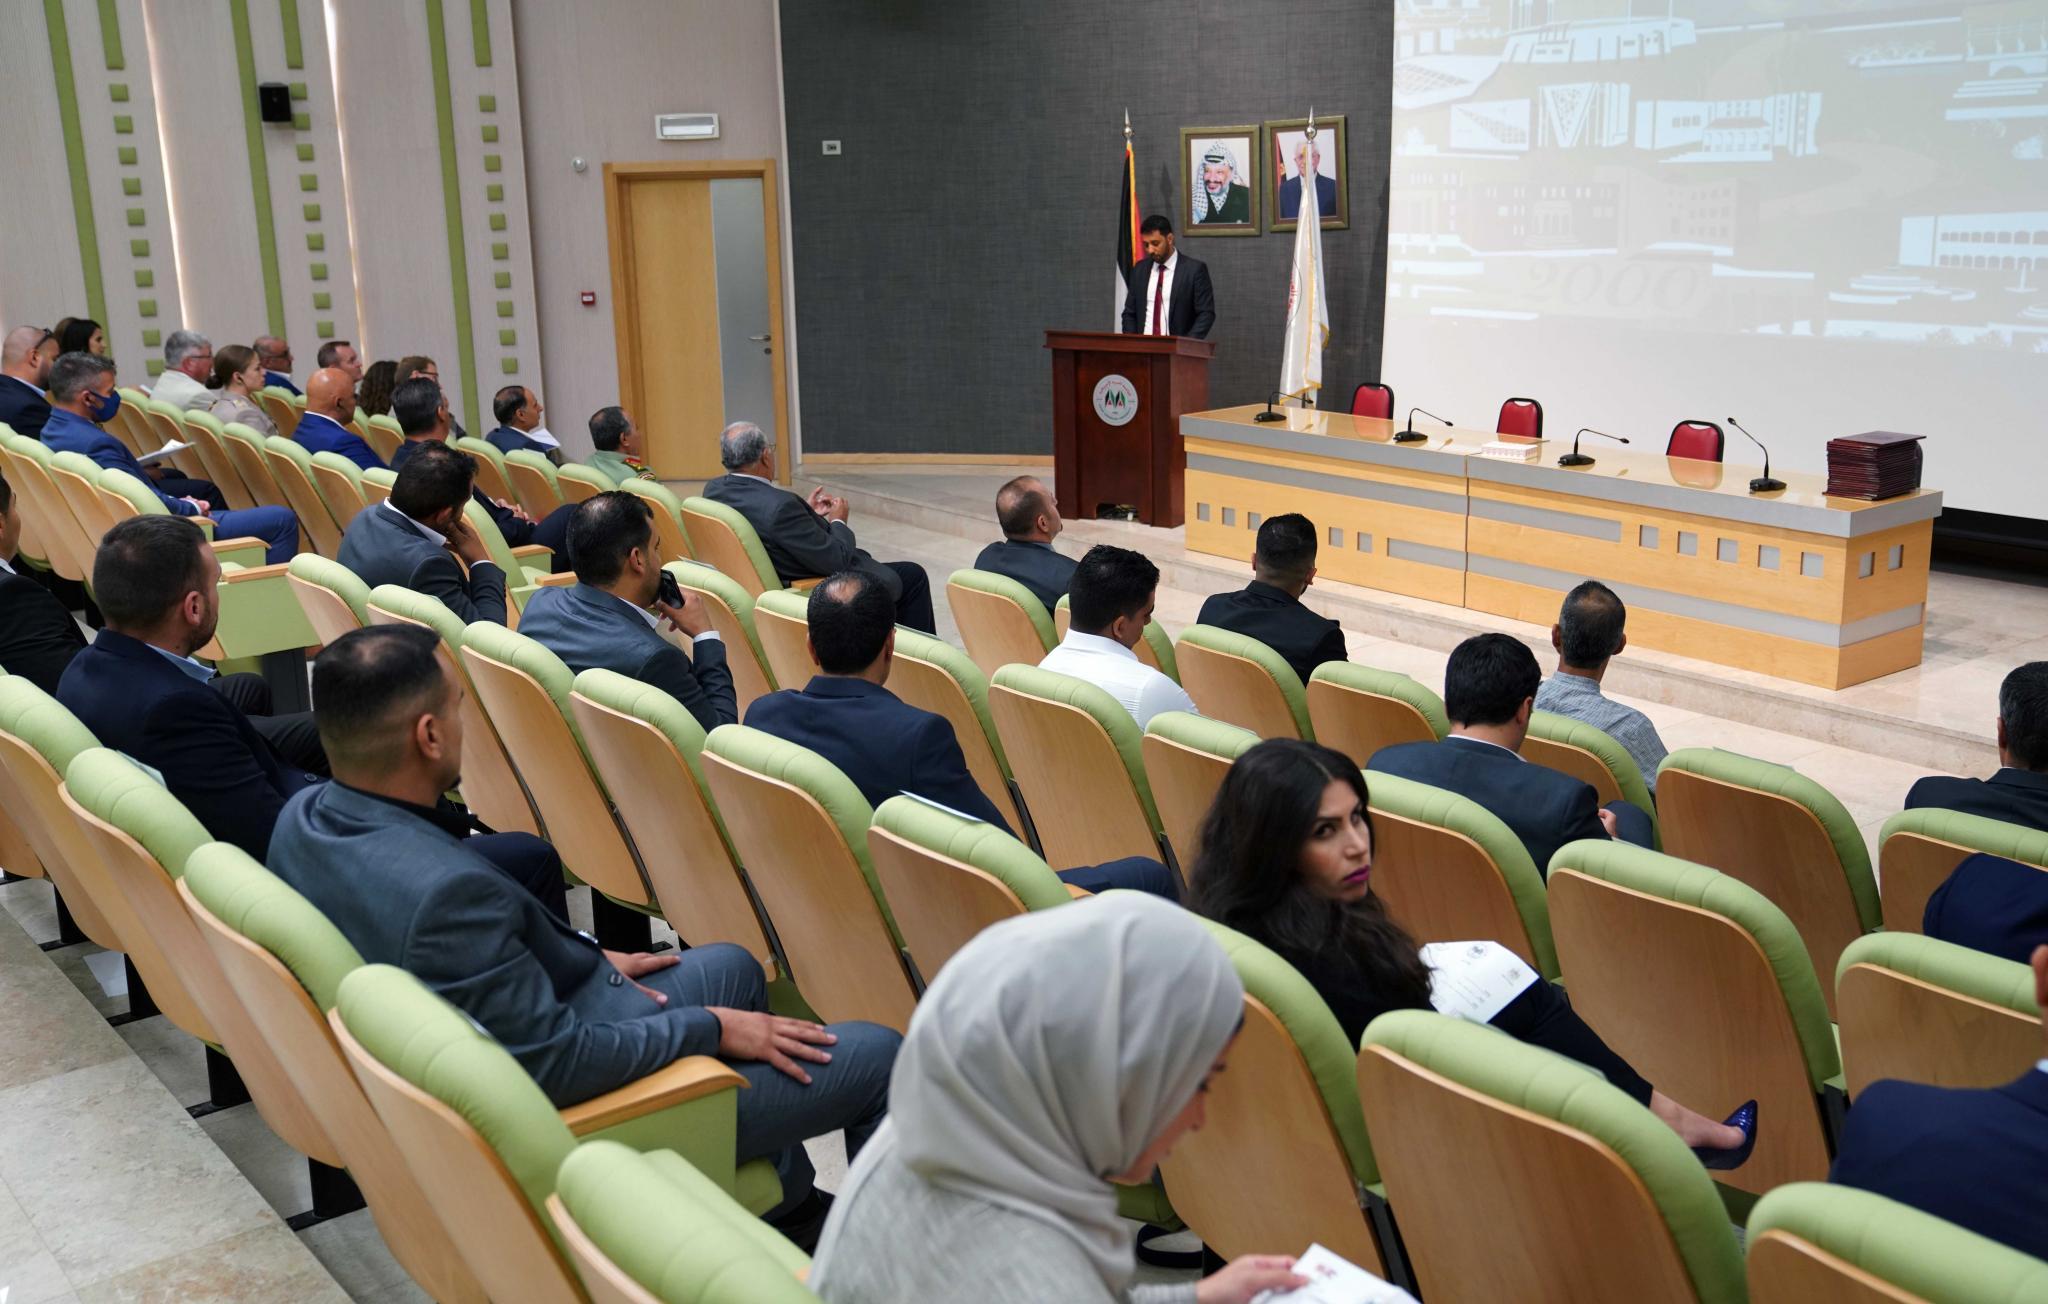 الجامعة تحتفل بتخريج الفوج الأول من طلبة البرنامج التدريبي في إدارة الموارد البشرية